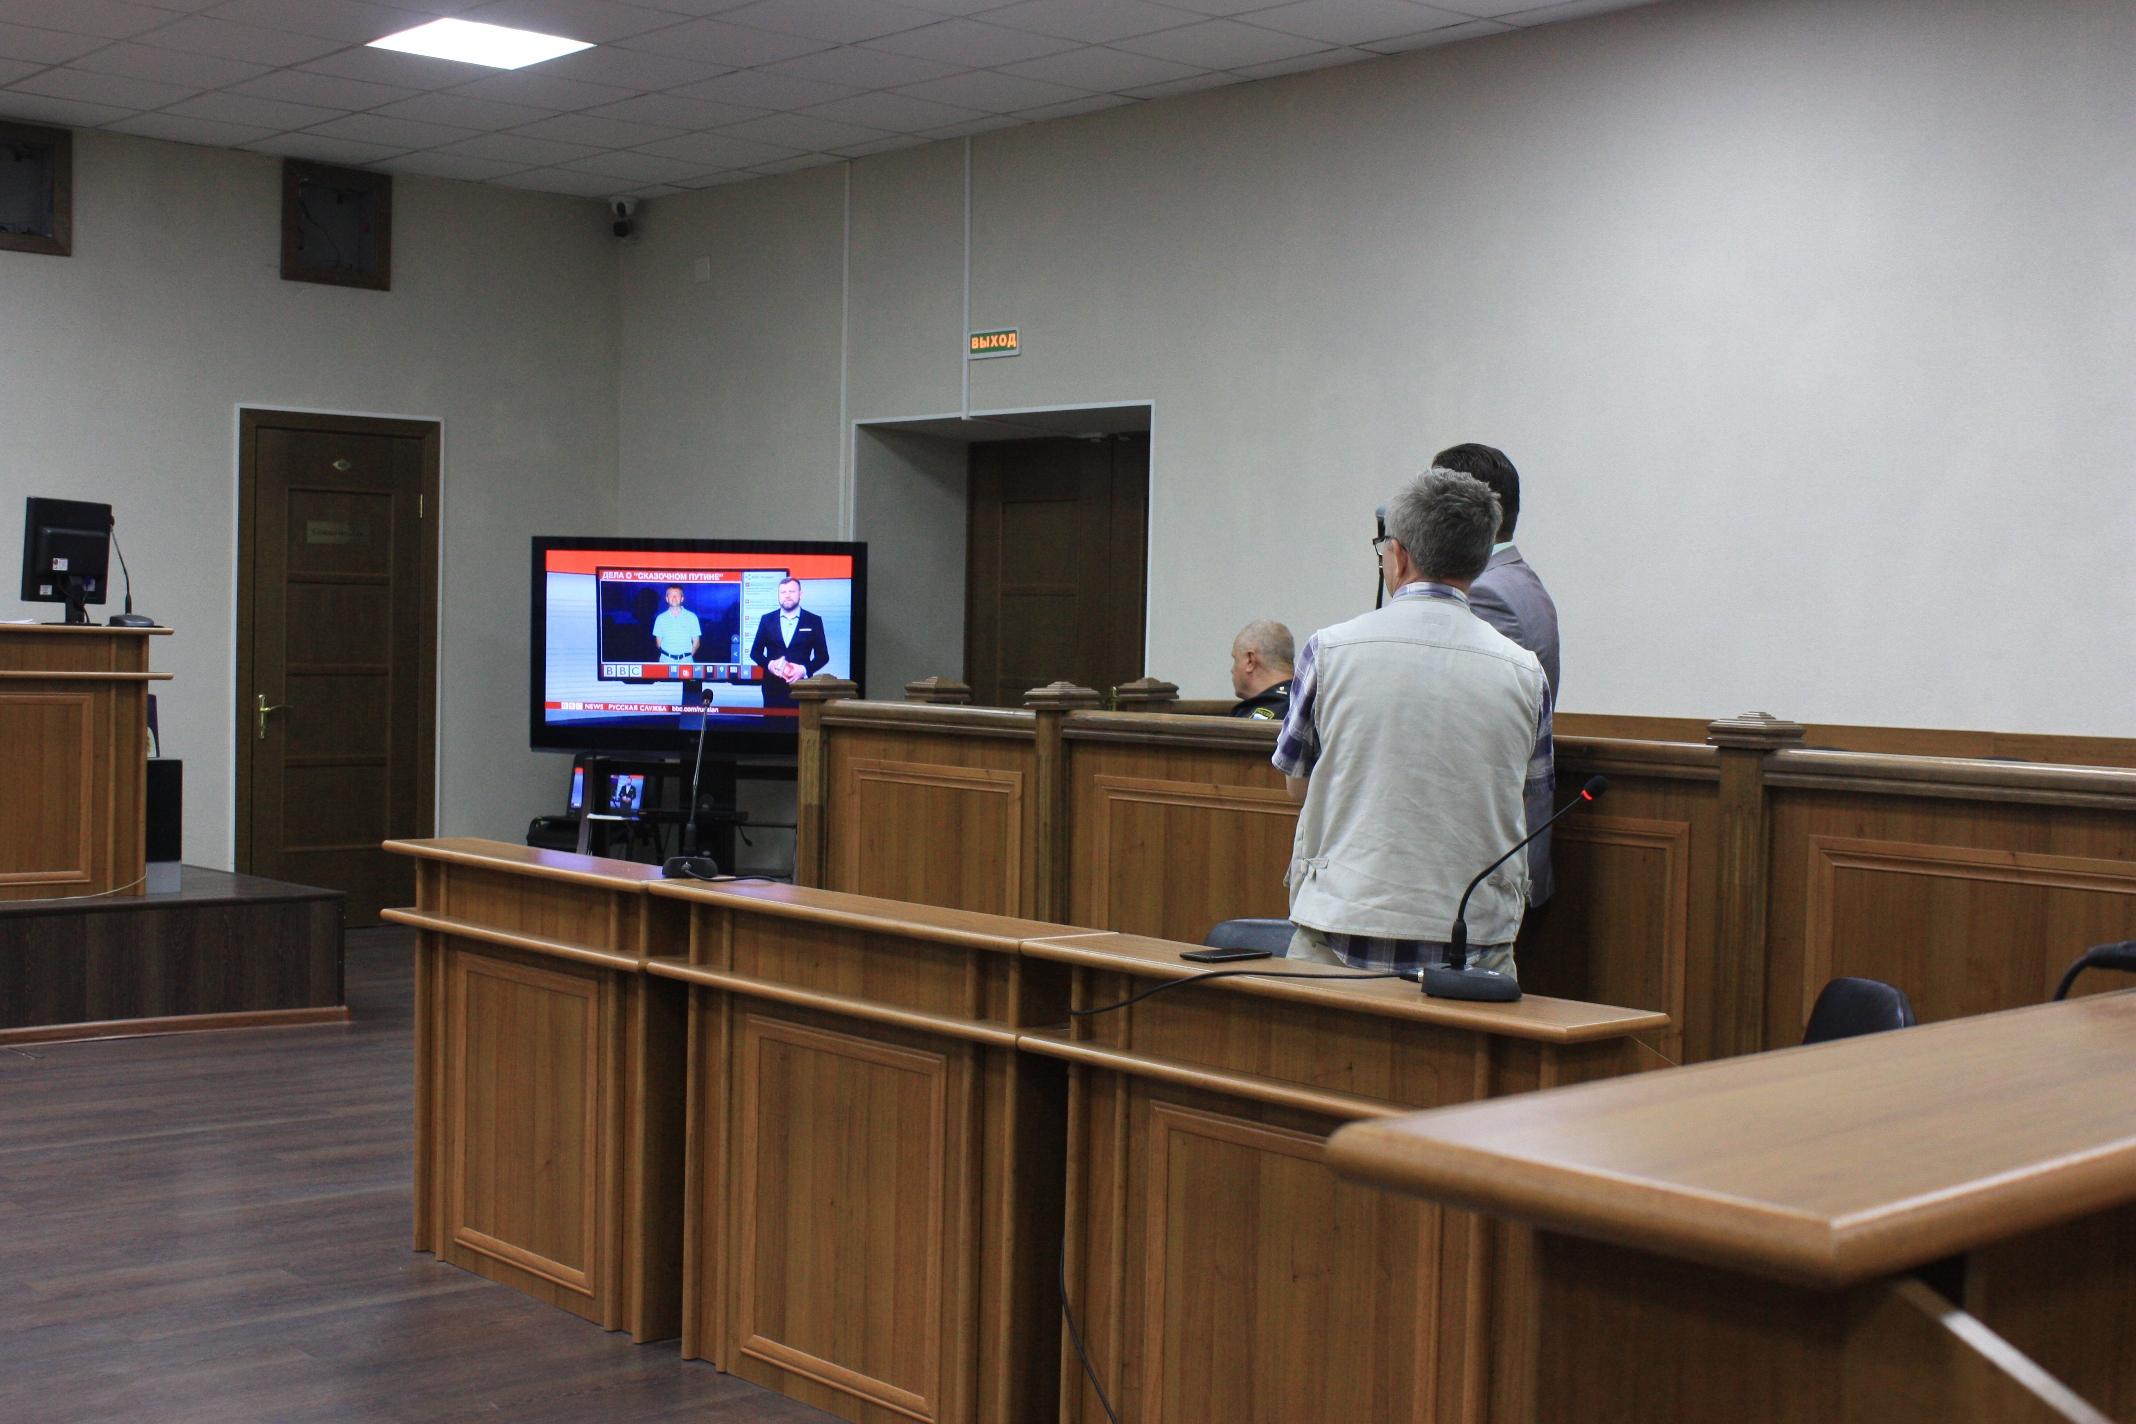 Житель Верховажья не смог оспорить в областном суде штраф за пост о Путине в соцсети